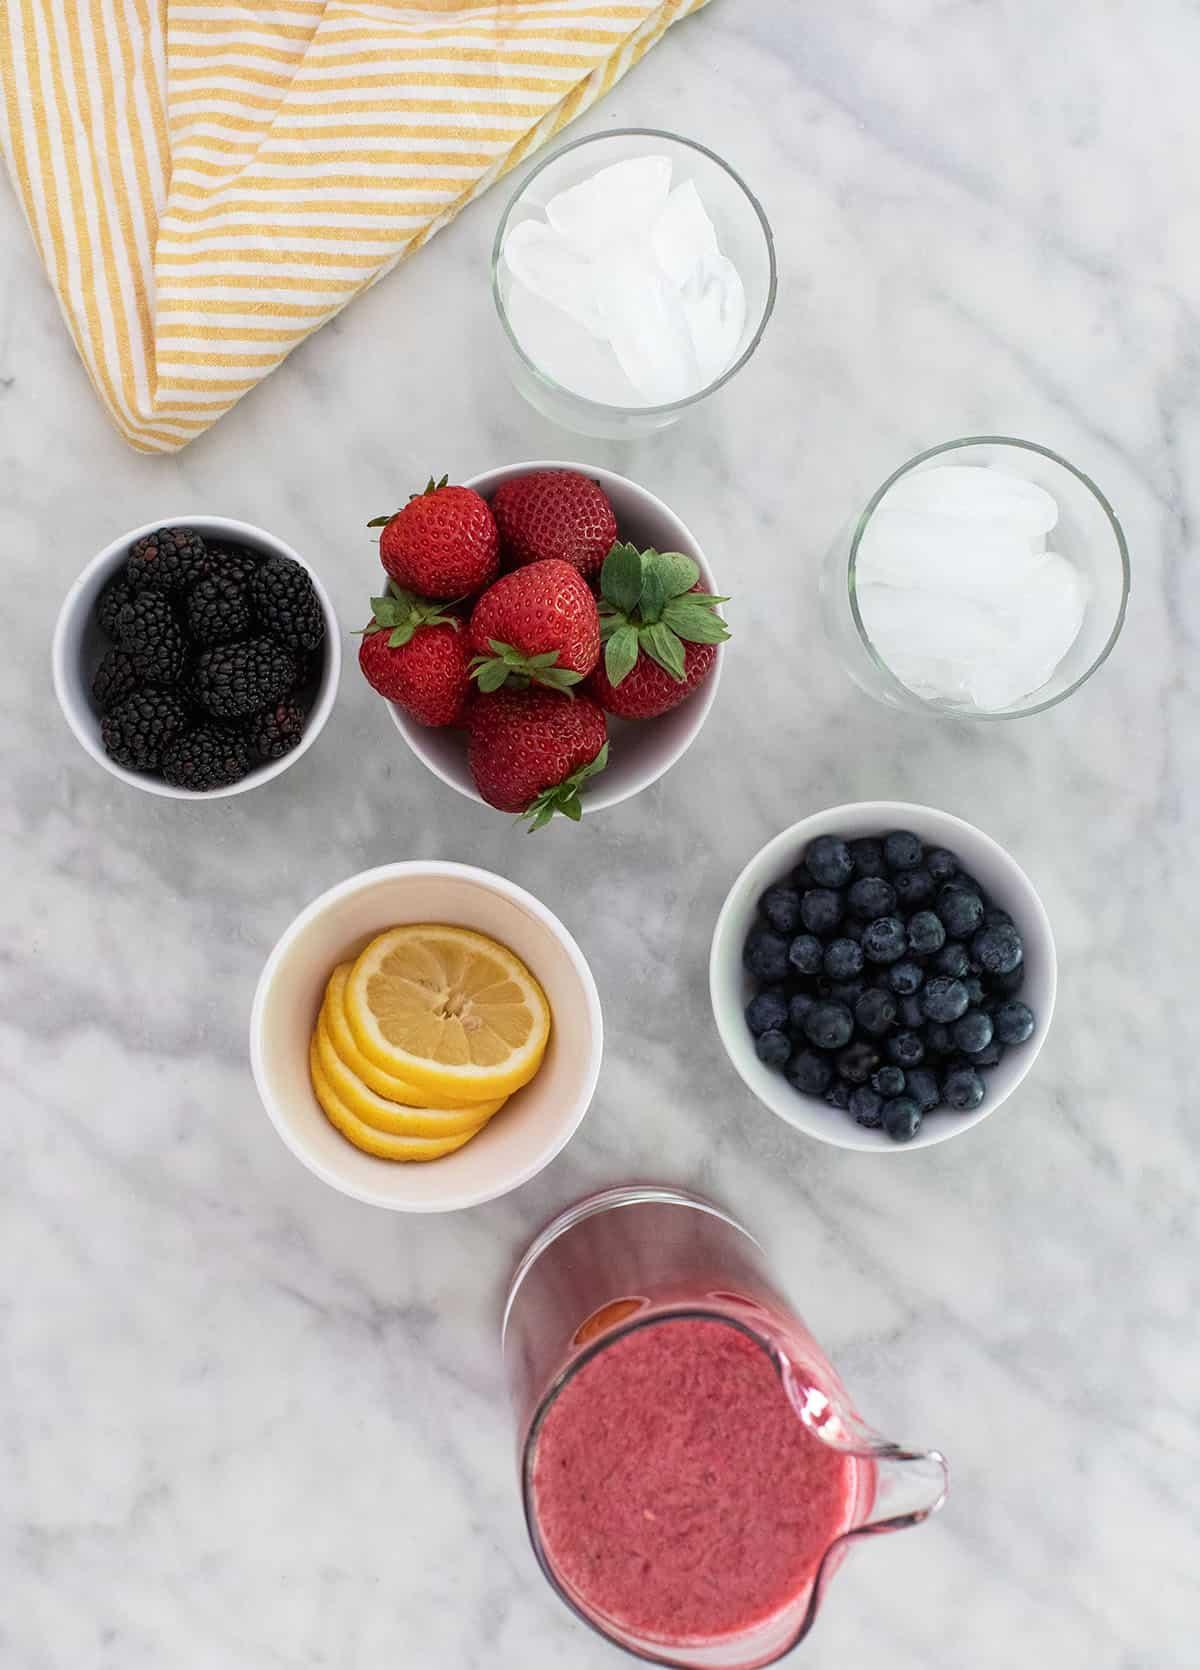 strawberries, lemons, blueberries and blackberries